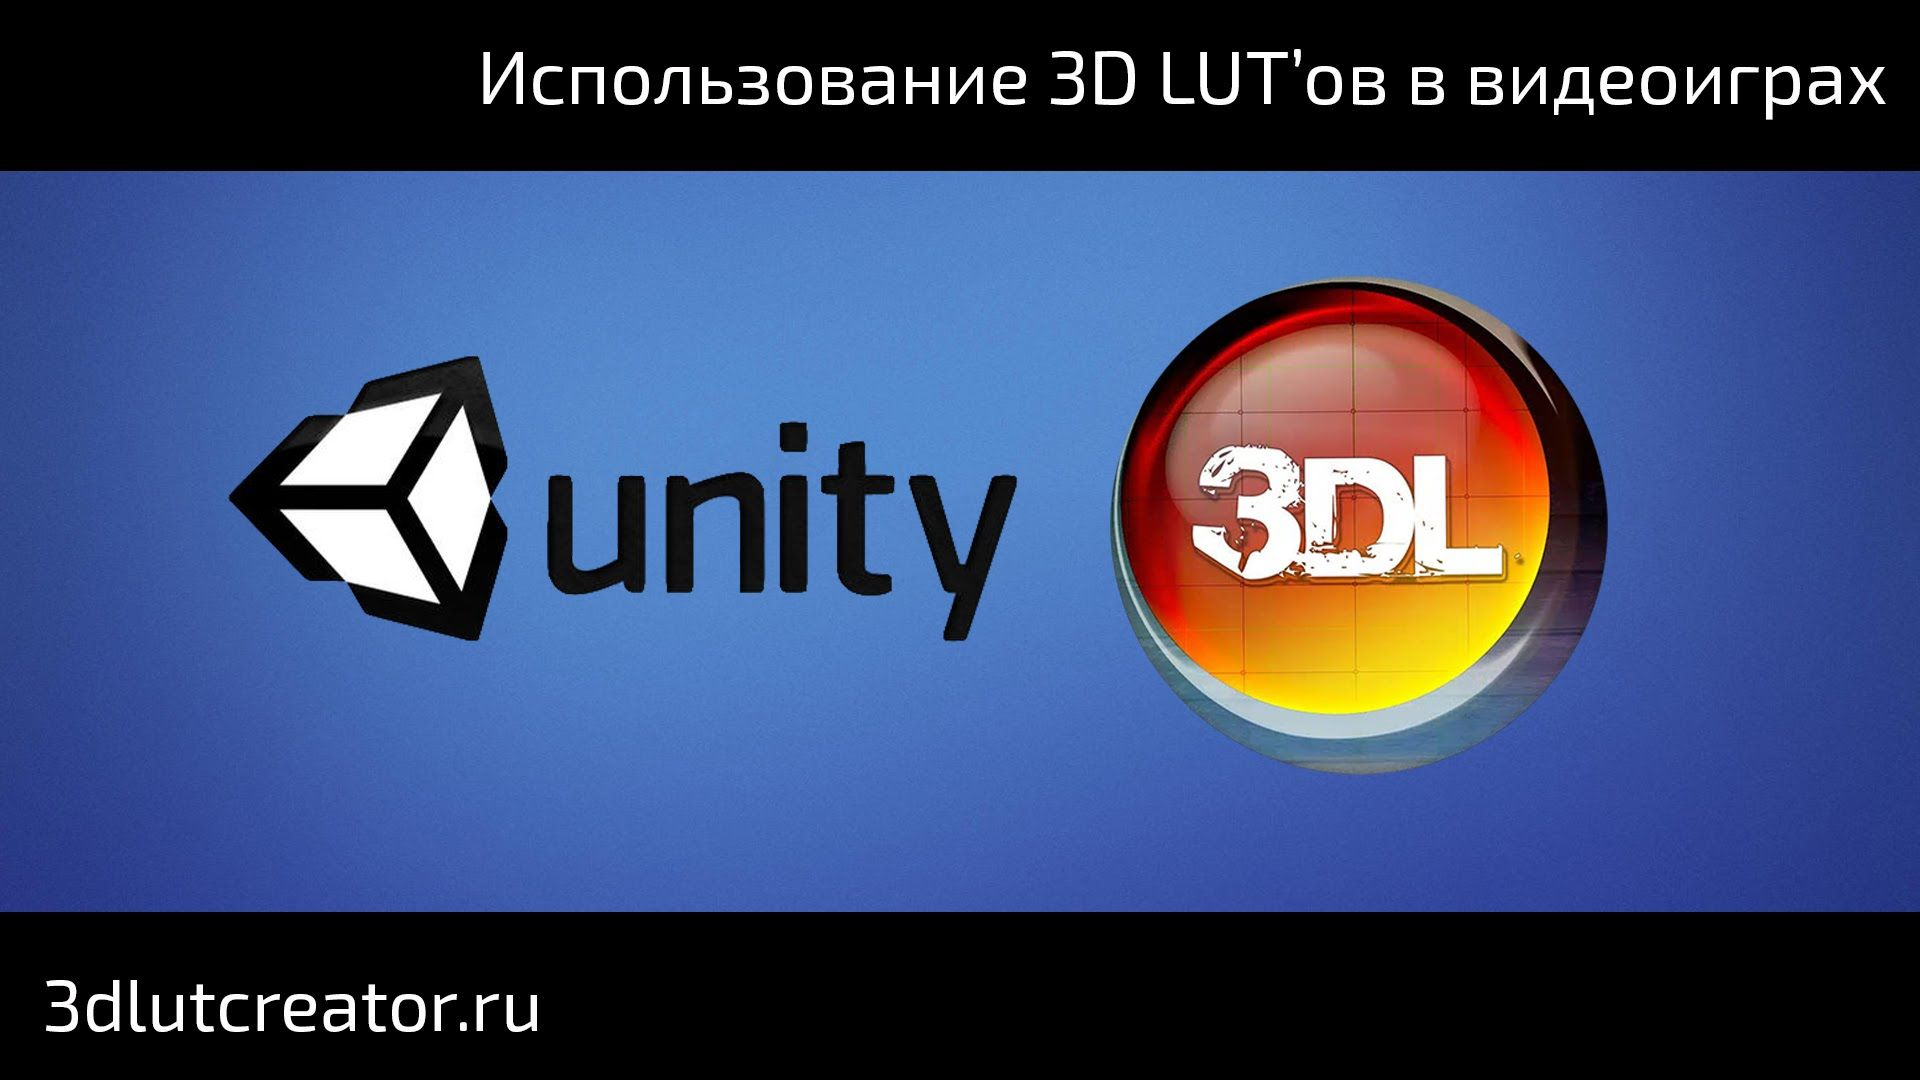 3d lut creator alternative